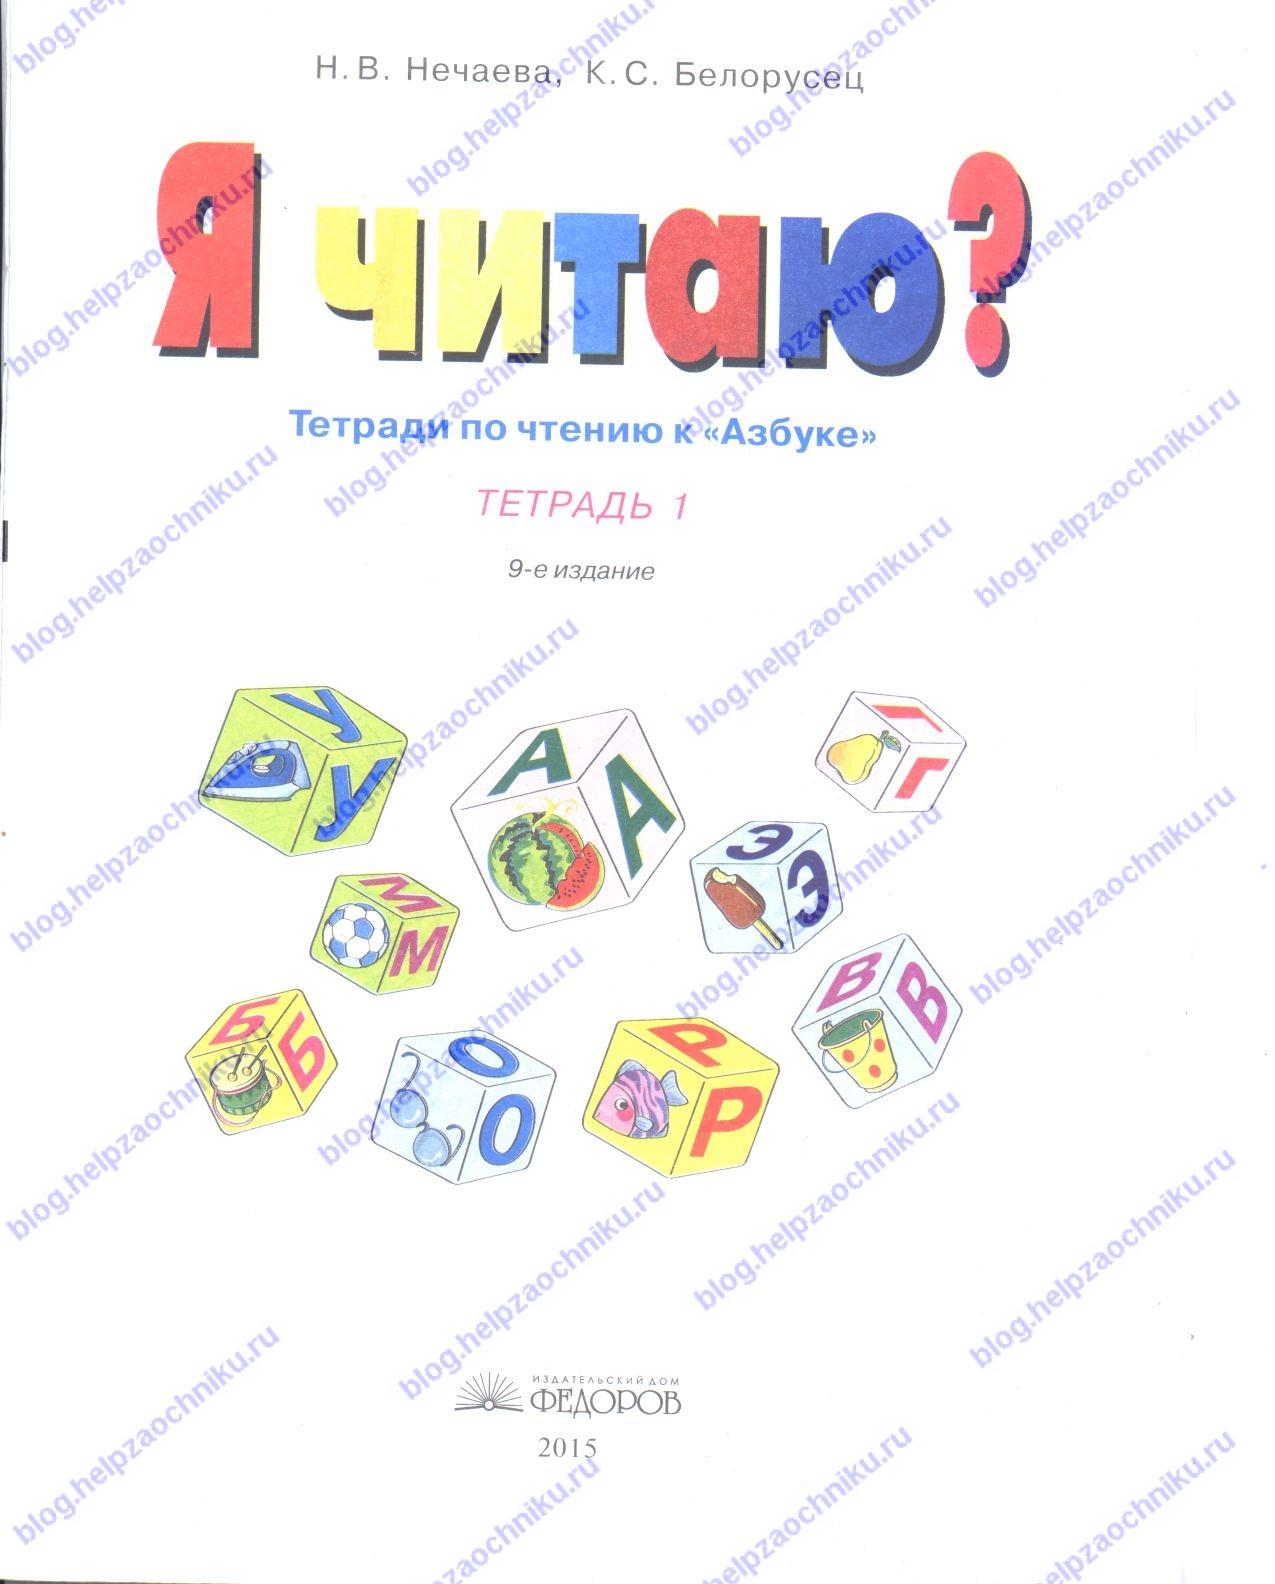 """Нечаева Н. В., Белорусец К. С.: Я читаю. Тетрадь по чтению к """"Азбуке"""". 1 часть 1 класс ответы, нечаева я читаю тетради к азбуке, нечаева я читаю ребусы ответы, нечаева я читаю 1 часть скачать"""